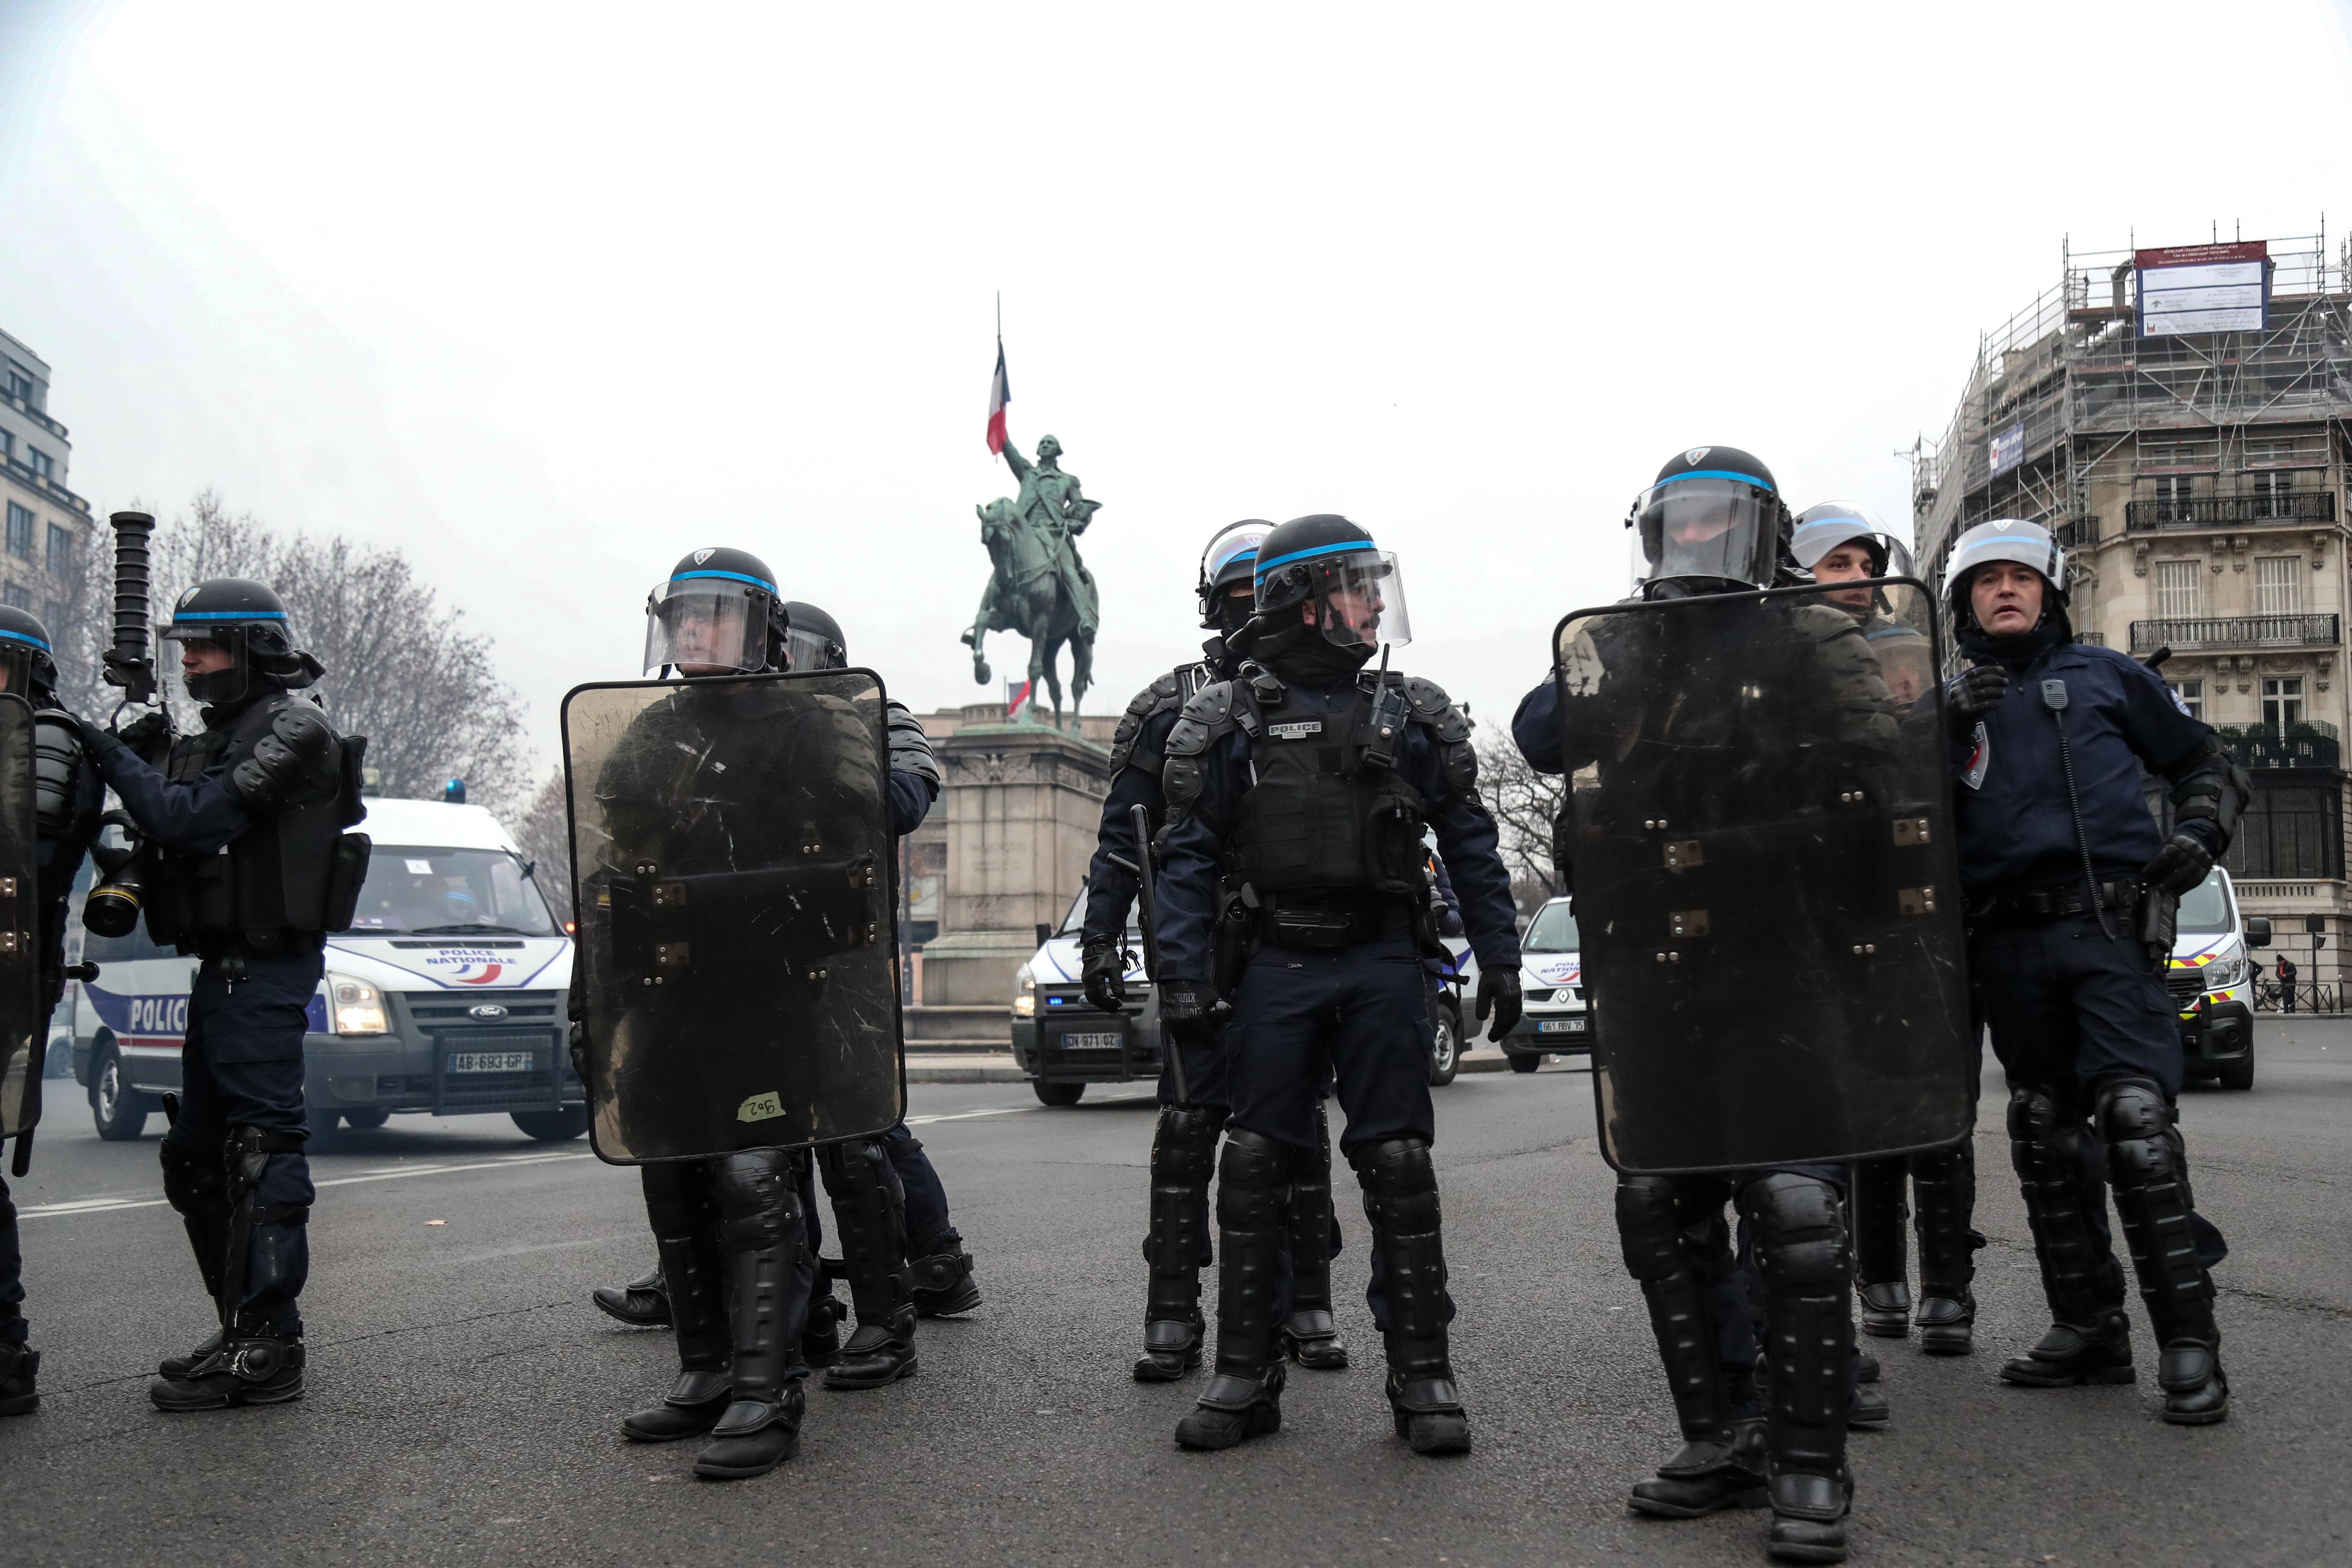 الشرطة الفرنسية انتشرت في المواقع الحيوية